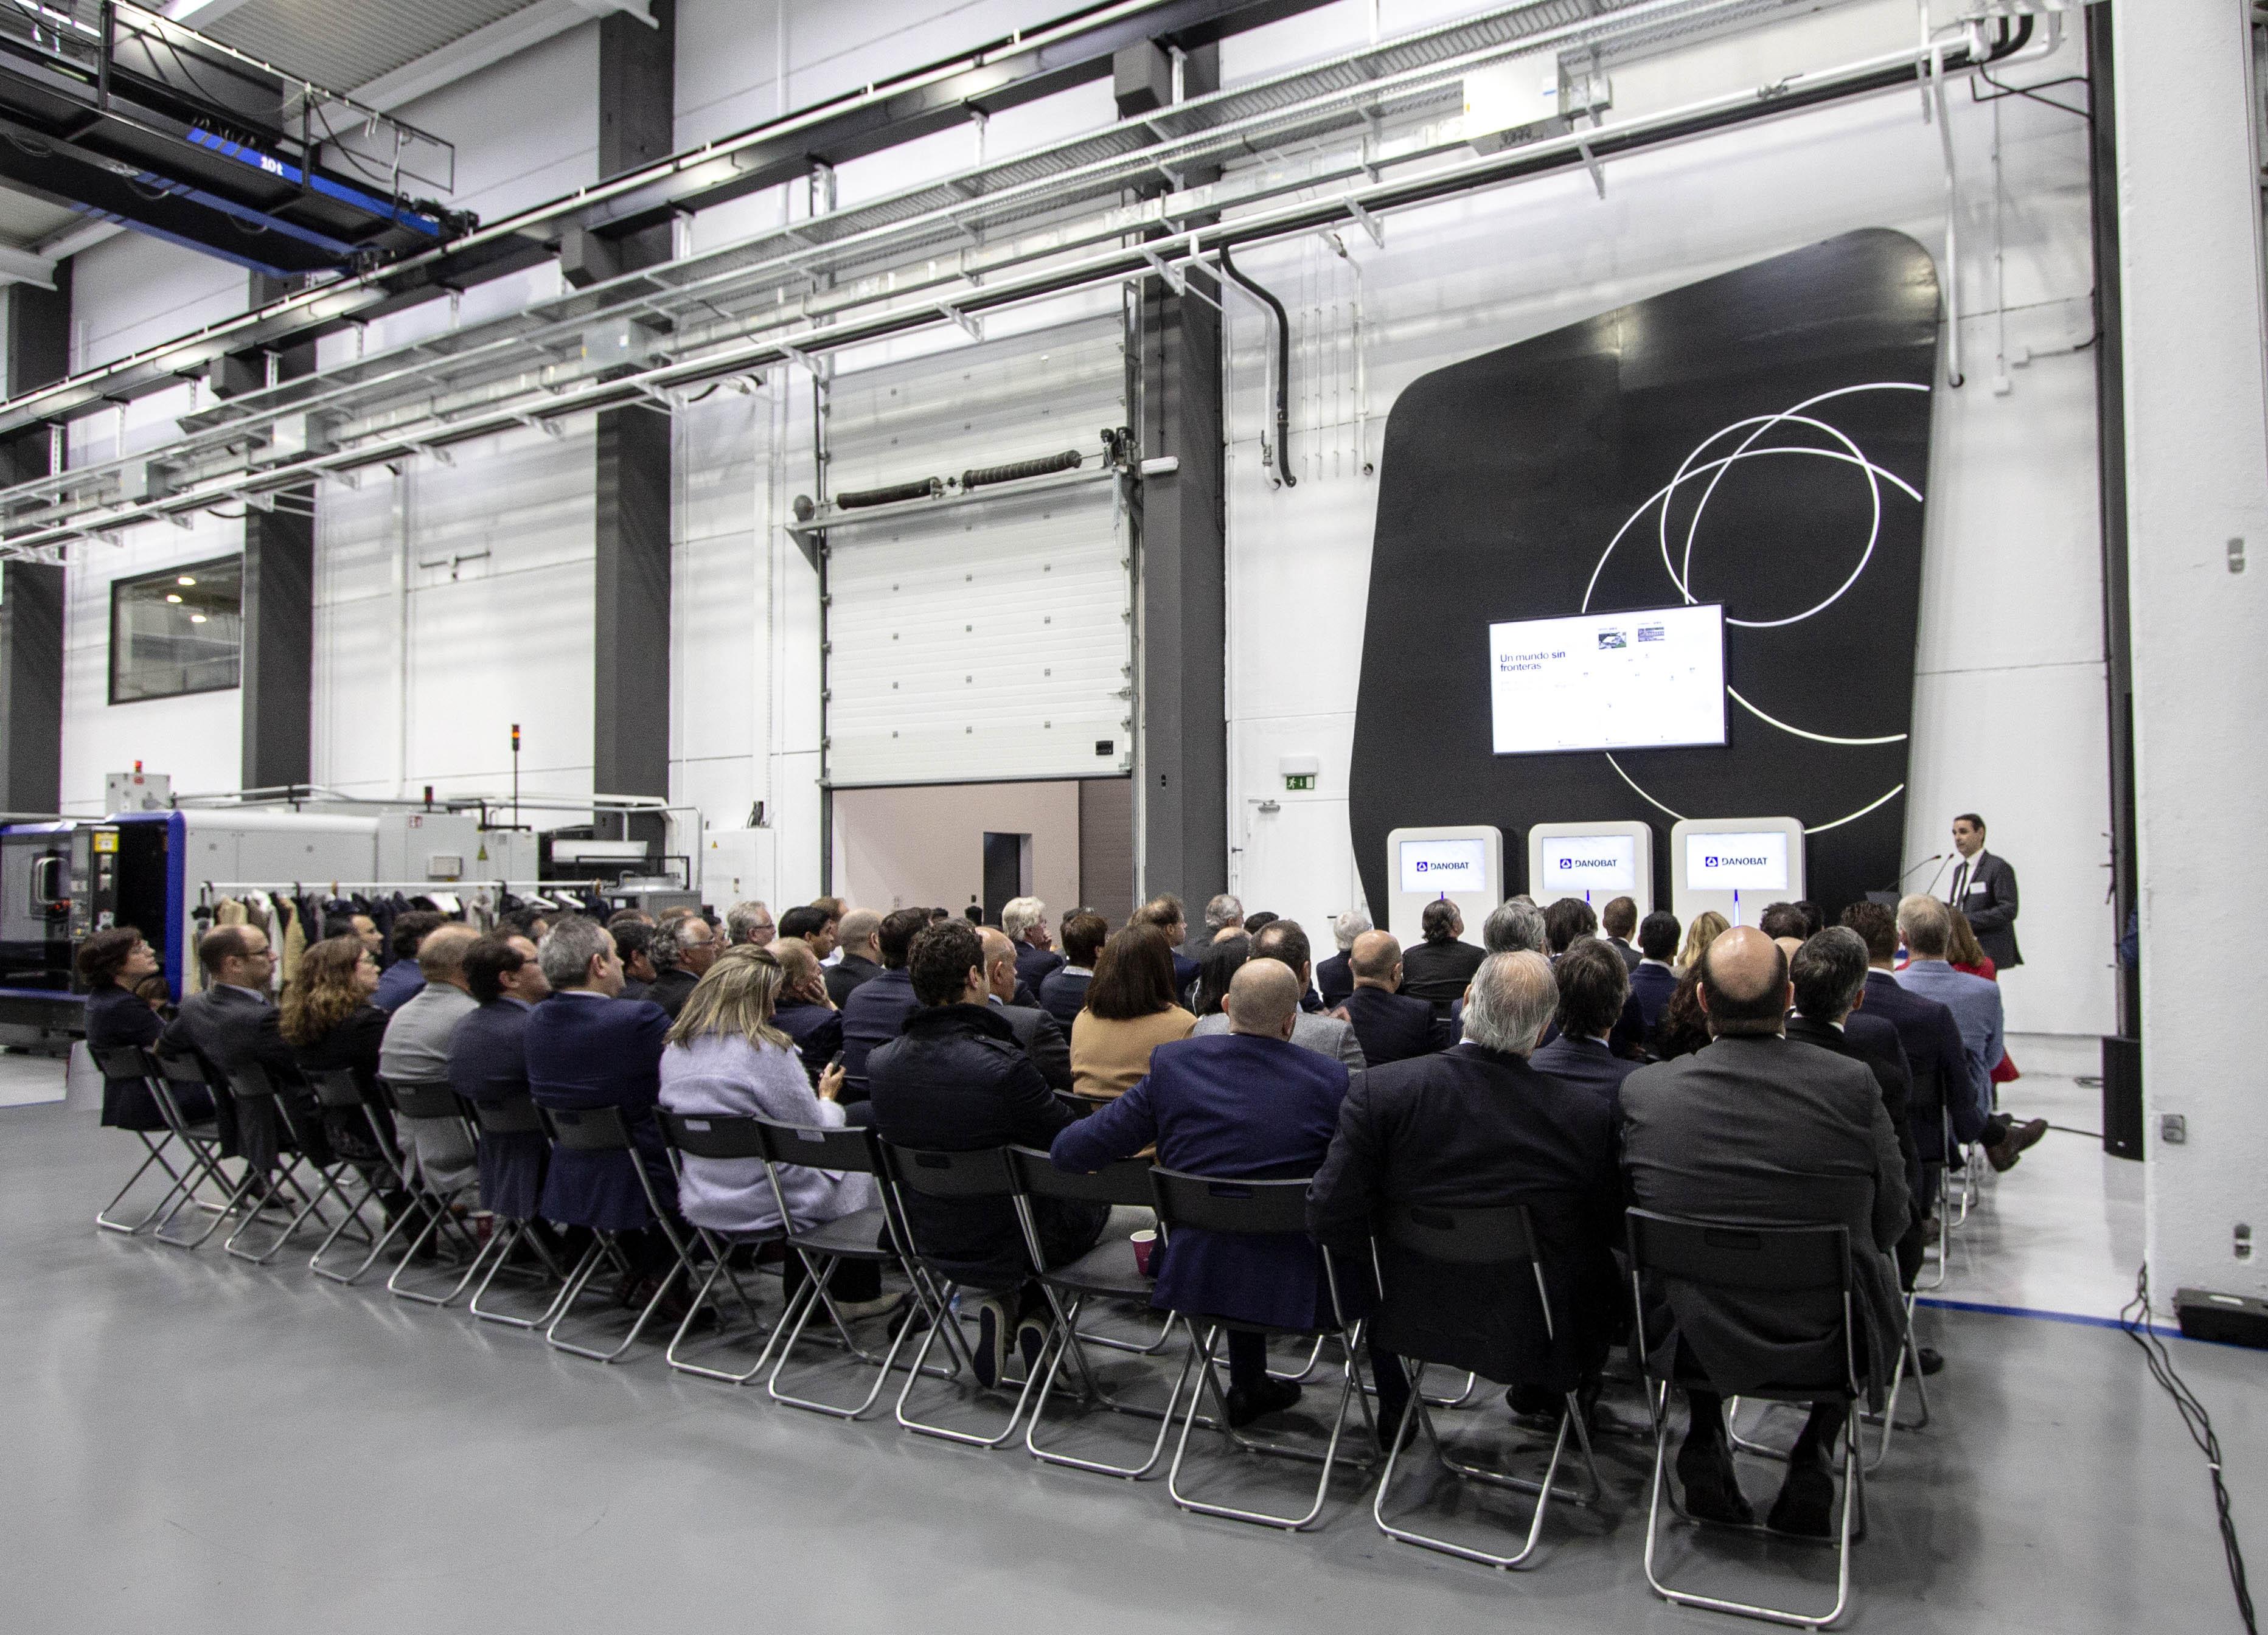 DANOBAT veranstaltet ein Unternehmensforum, um seine Verbindungen zum deutschen Markt zu stärken